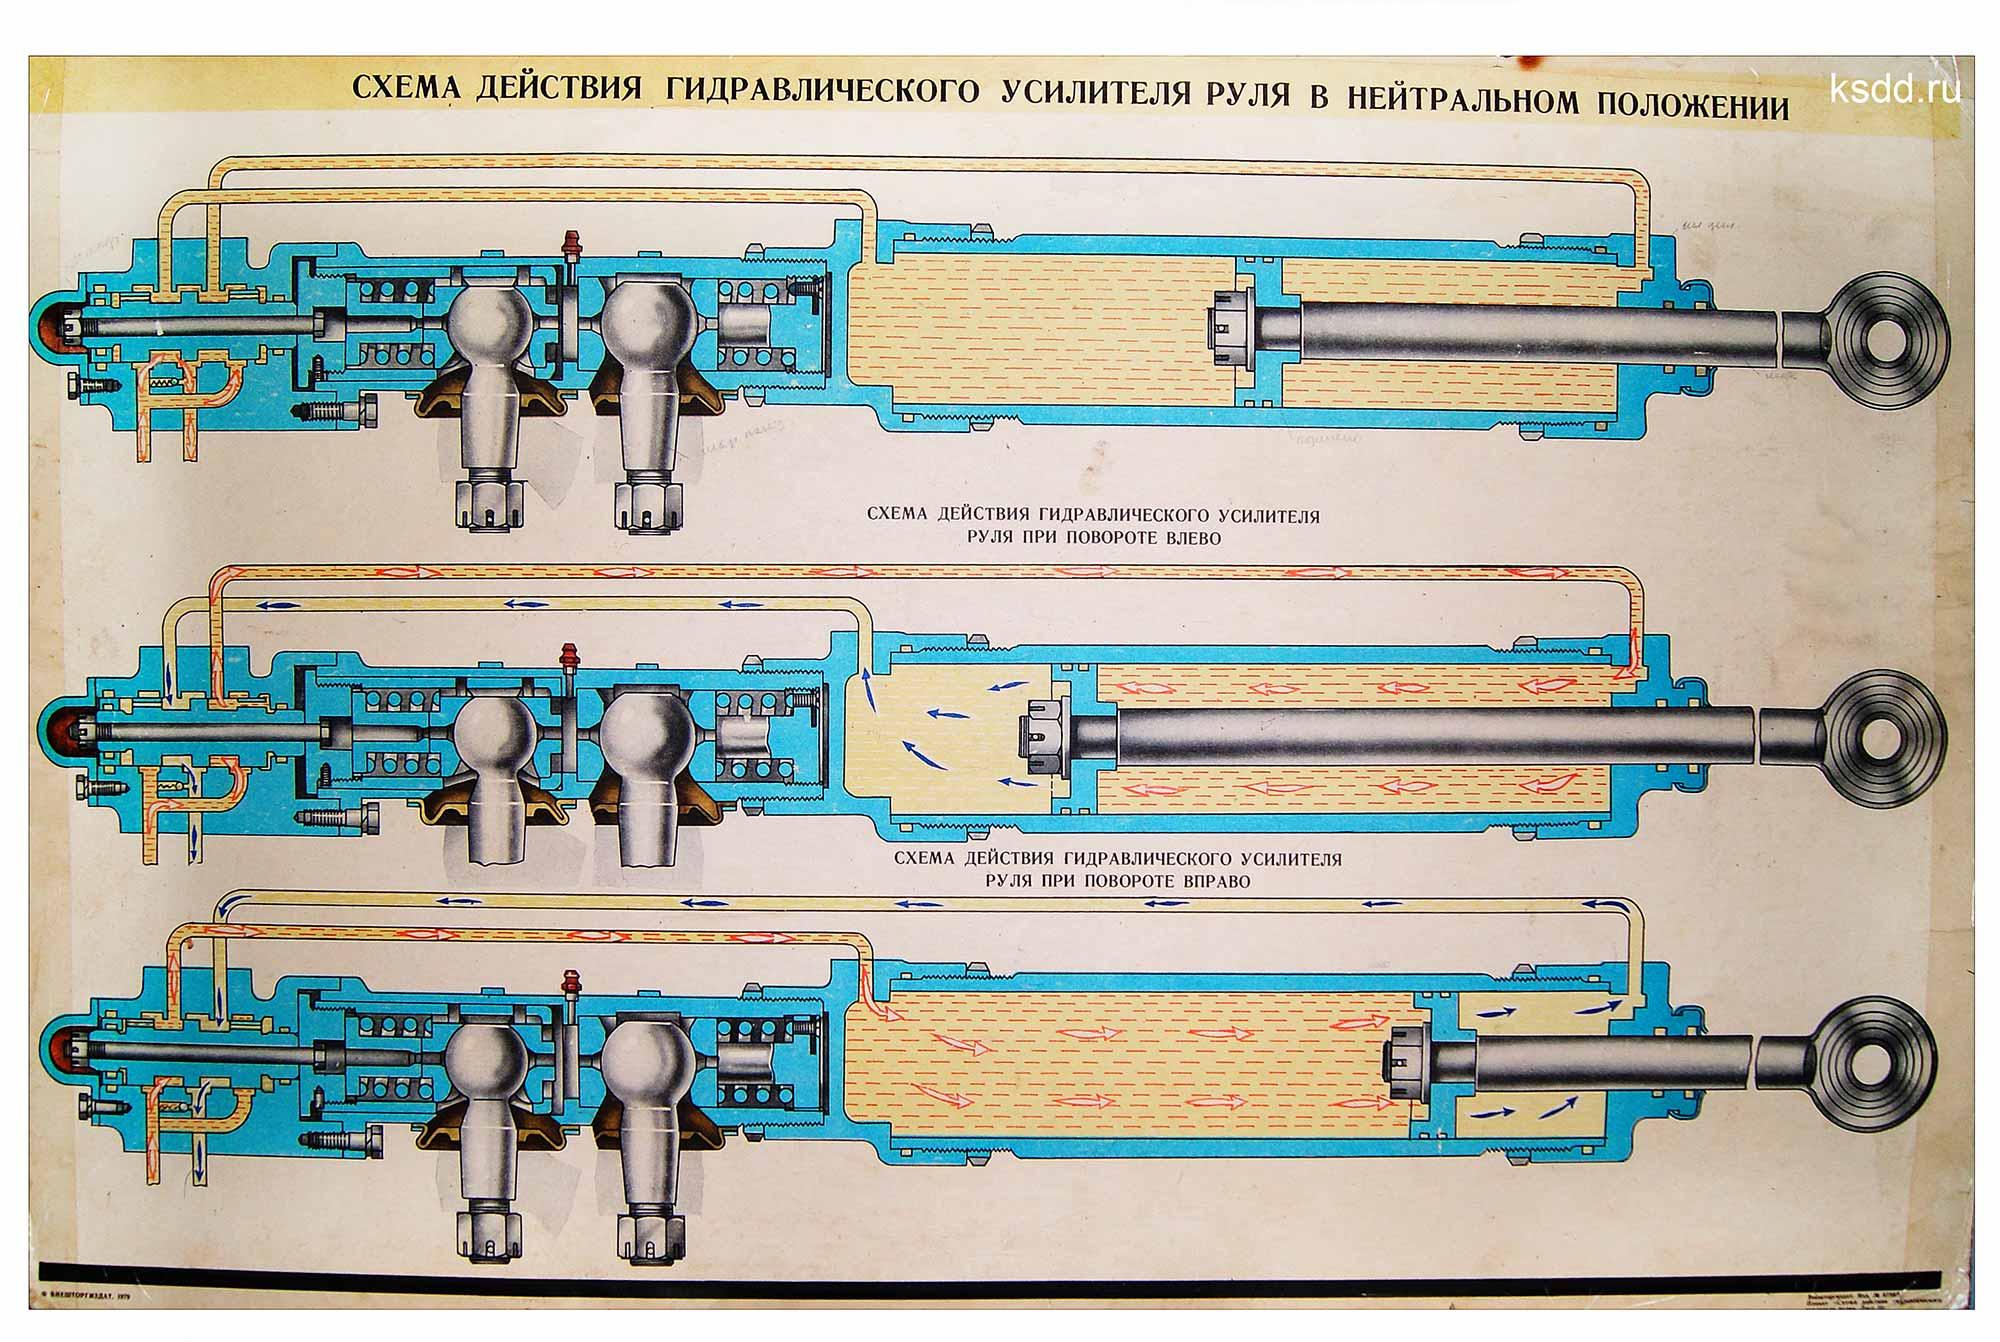 14.-Схема-действия-гидравлического-усилителя-руля-в-нейтральном-положении